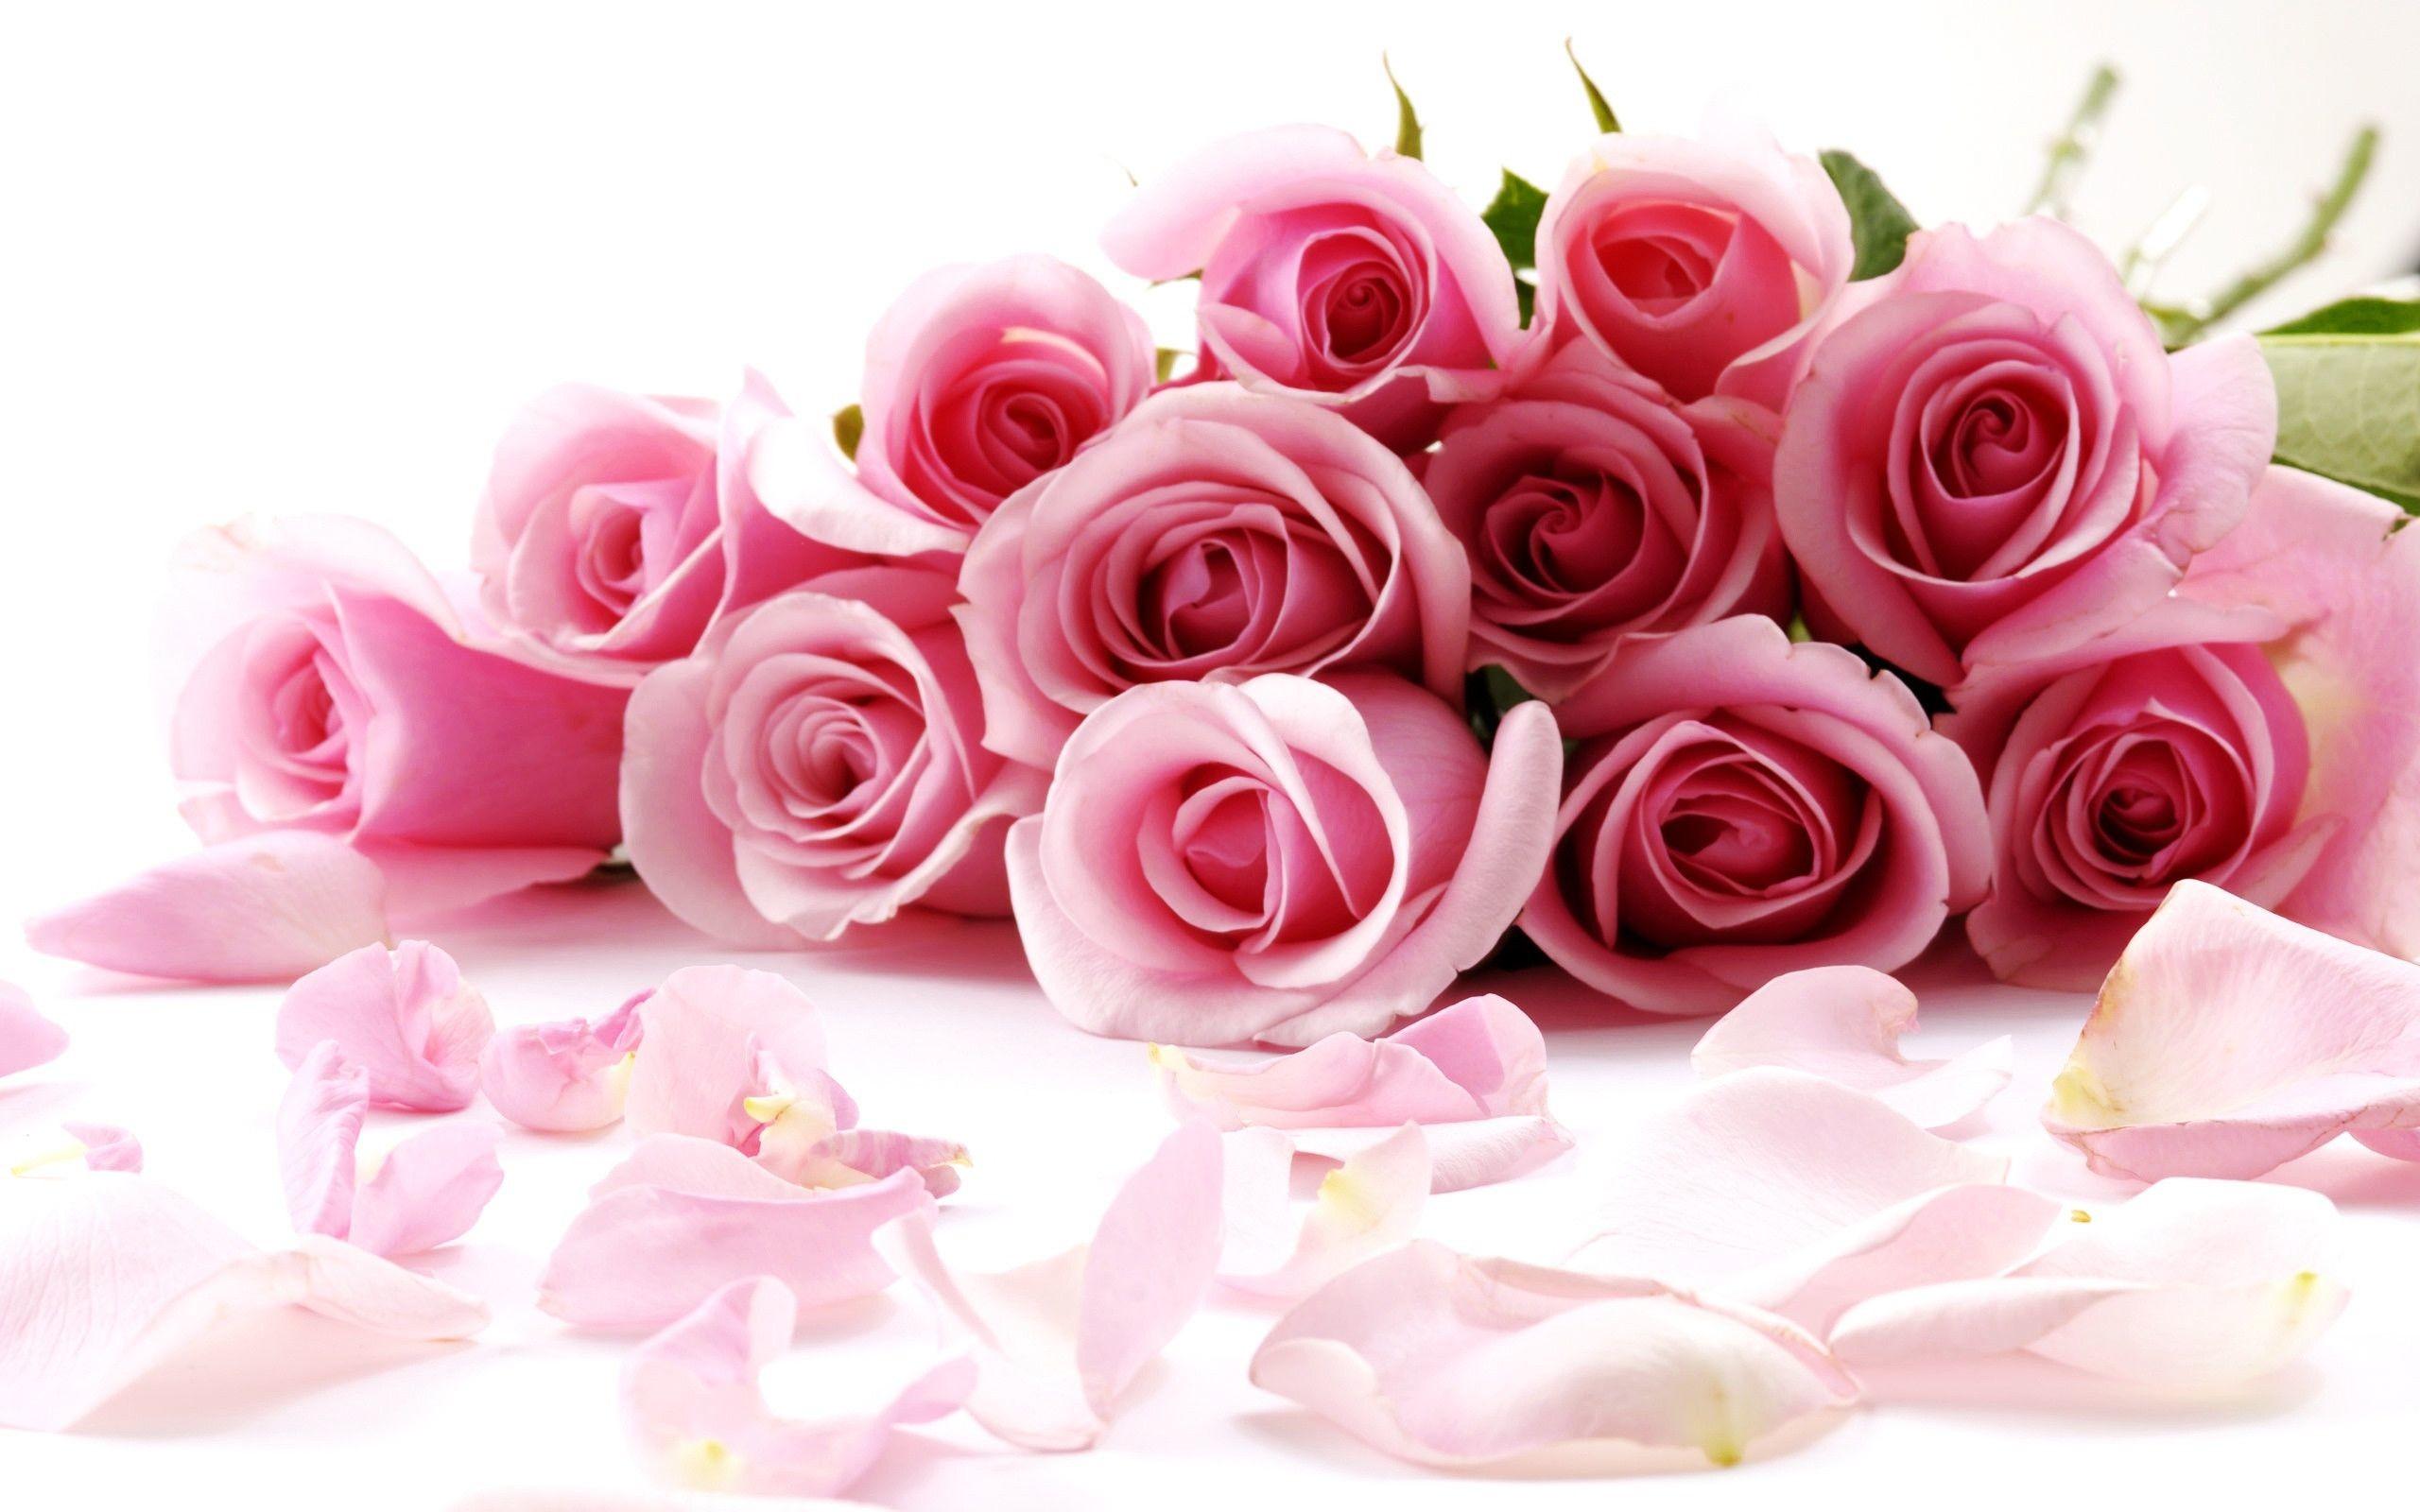 2560x1600 Rose Flowers Wallpaper For Desktop